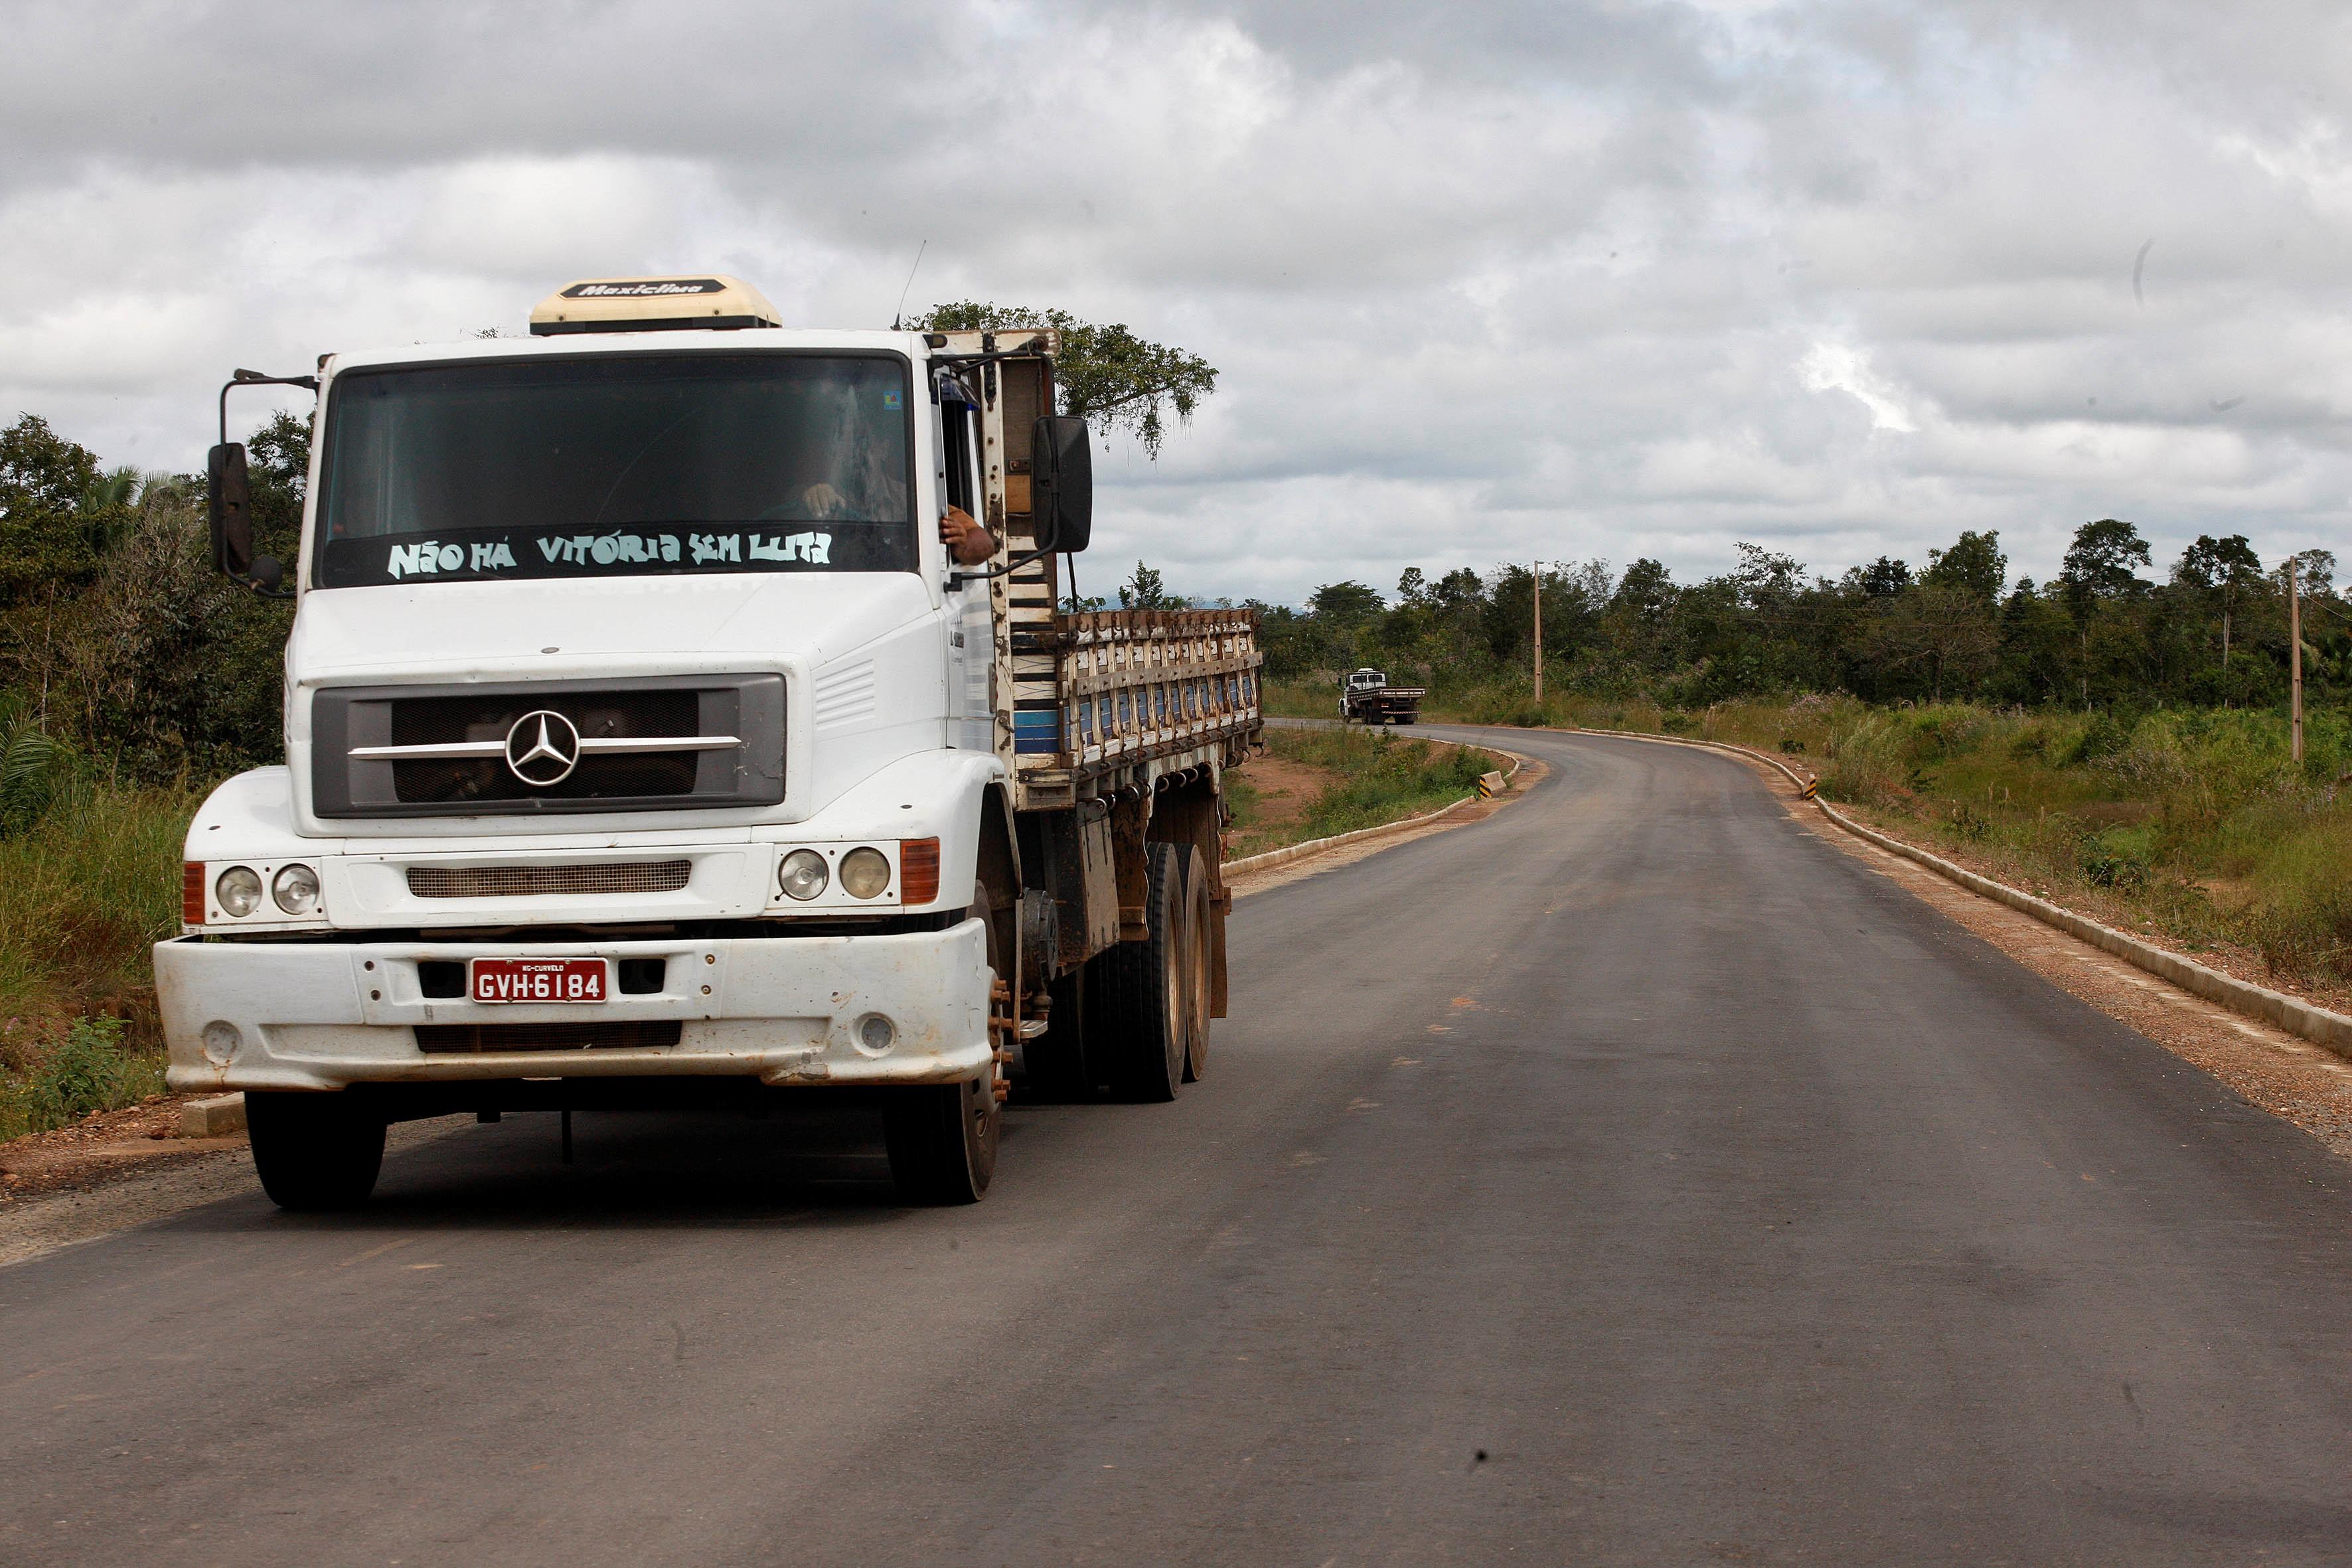 Pavimentação da vicinal do Bambu, na Rodovia PA-449, que beneficia diretamente a população de Floresta do Araguaia